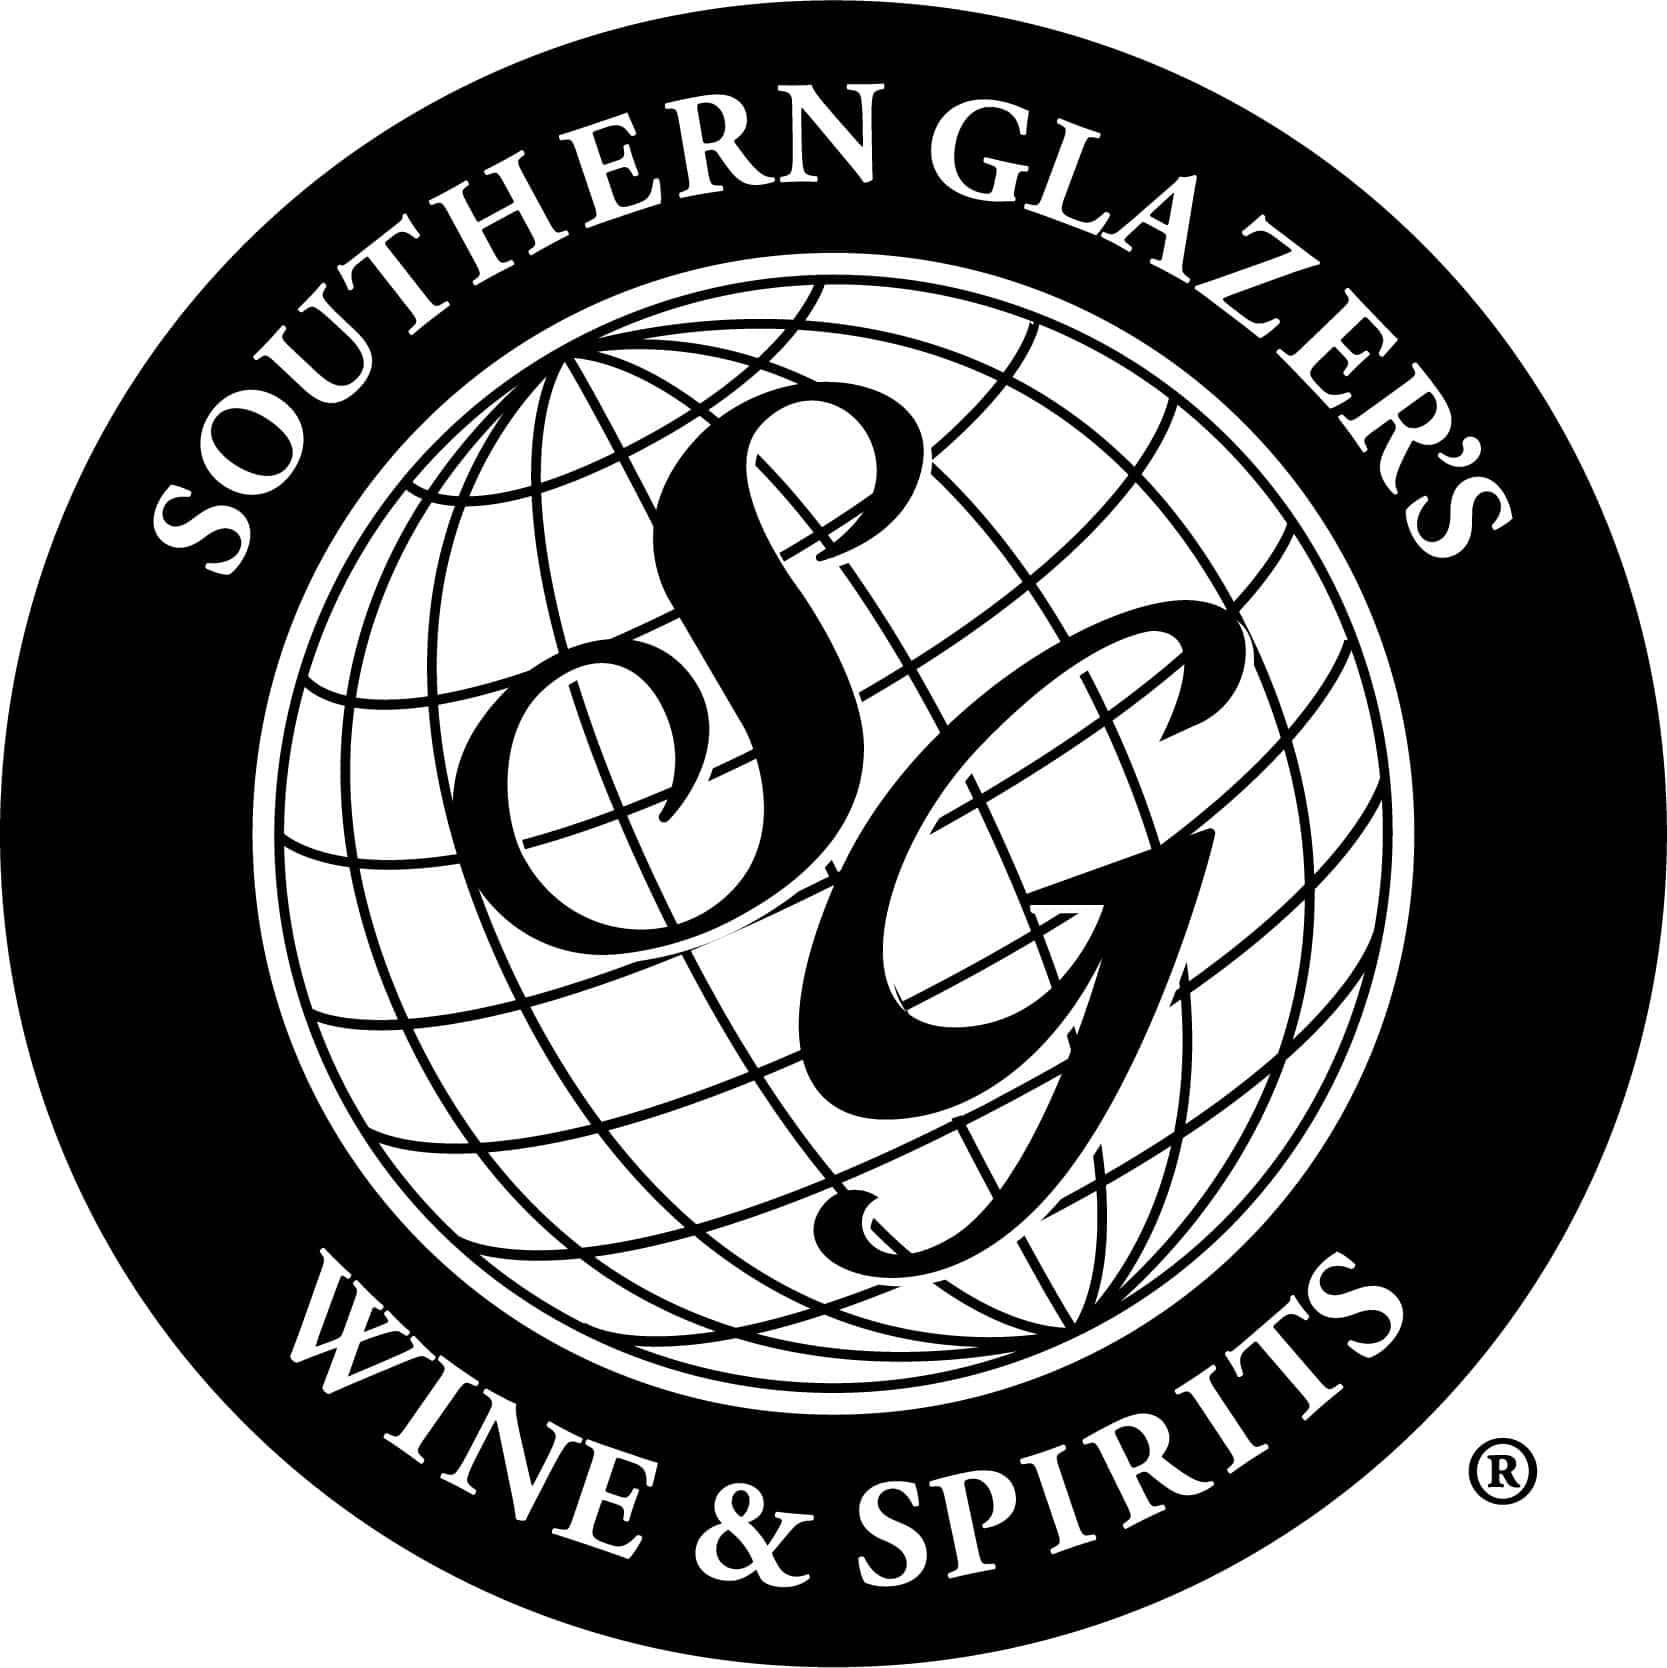 Southern Glazer